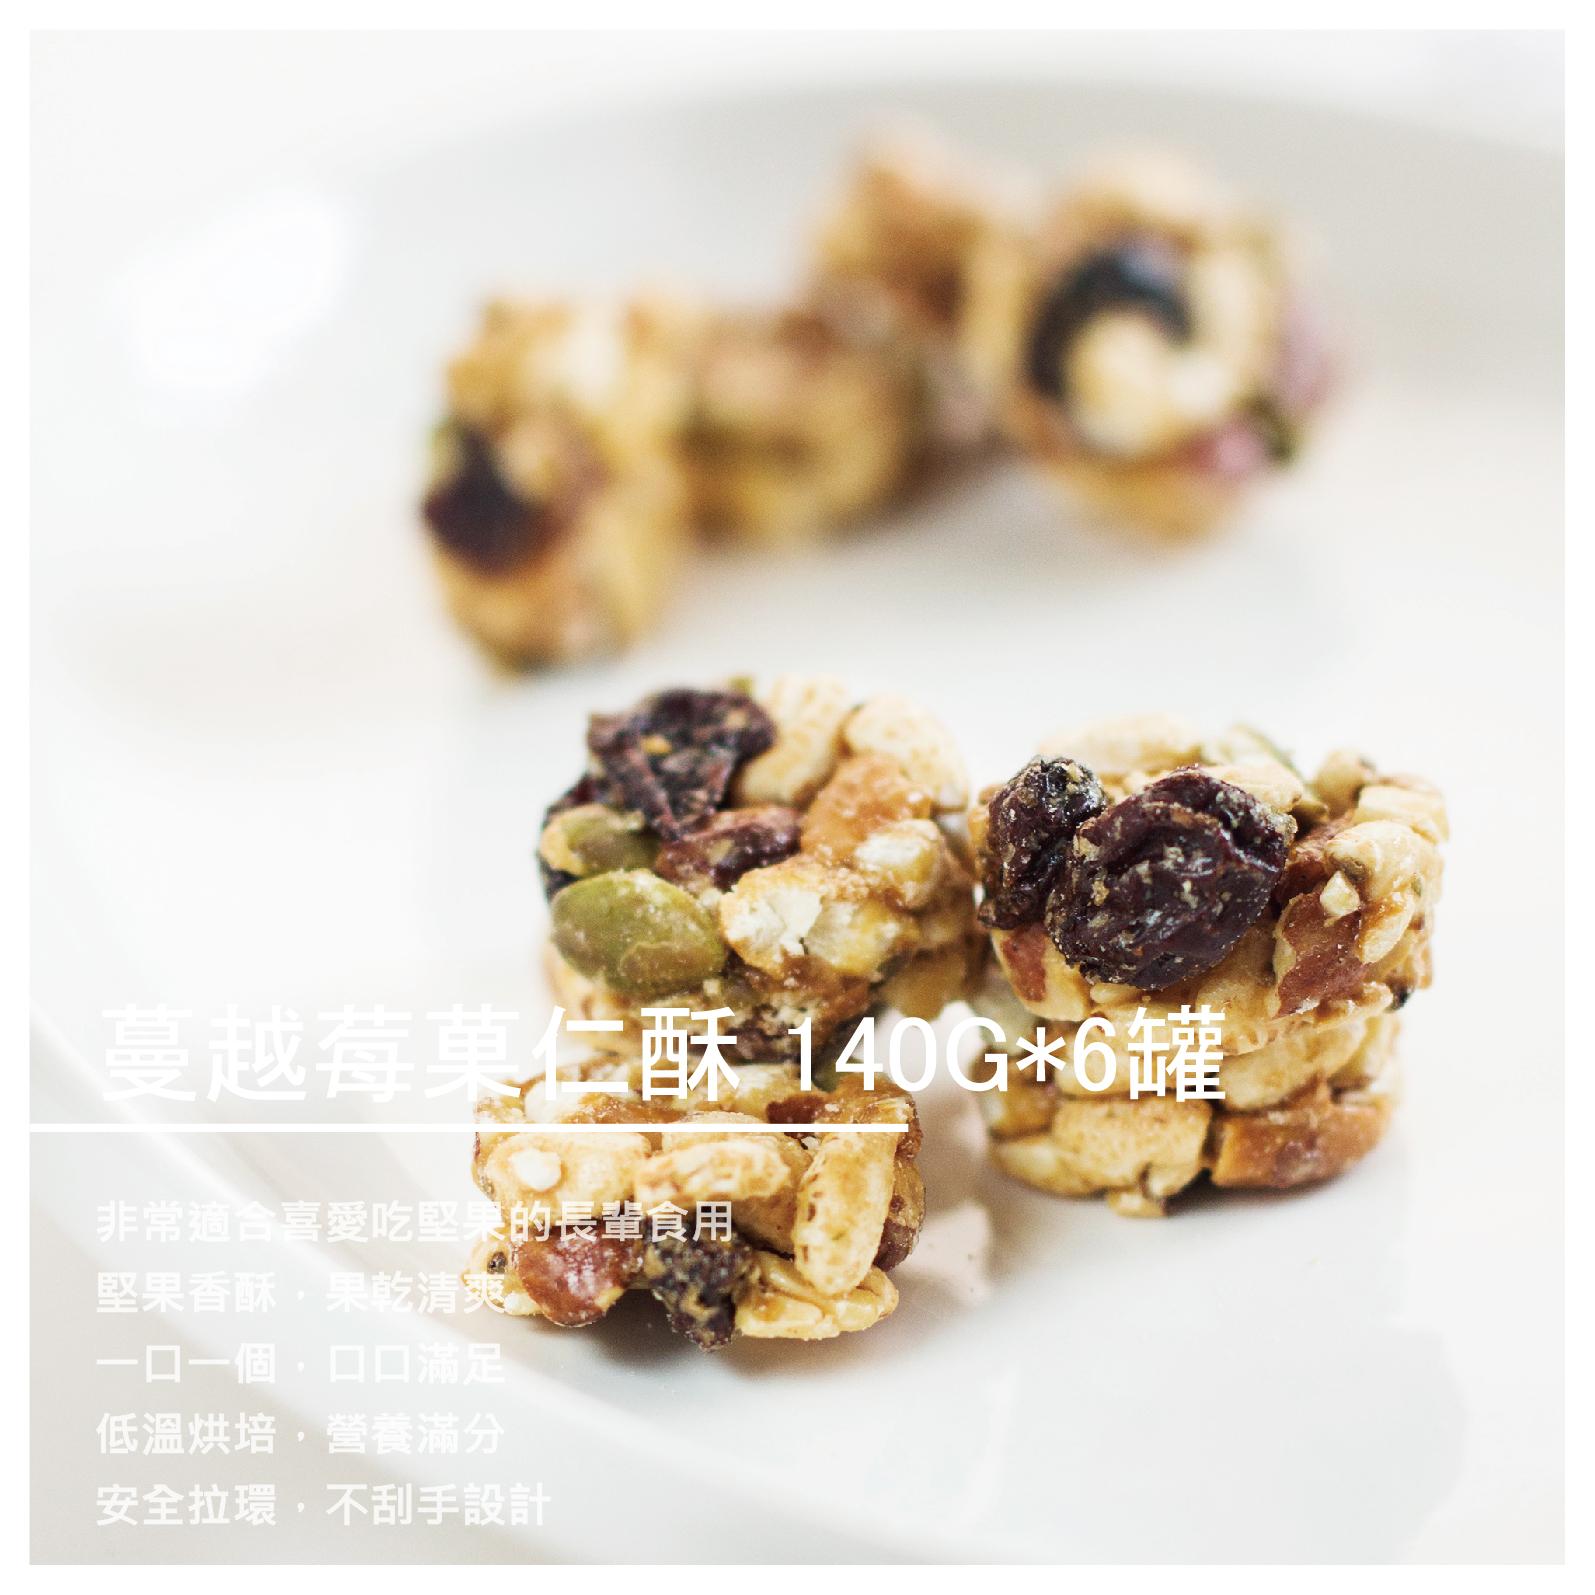 【優穀食品有限公司】蔓越莓菓仁酥 140g/6罐